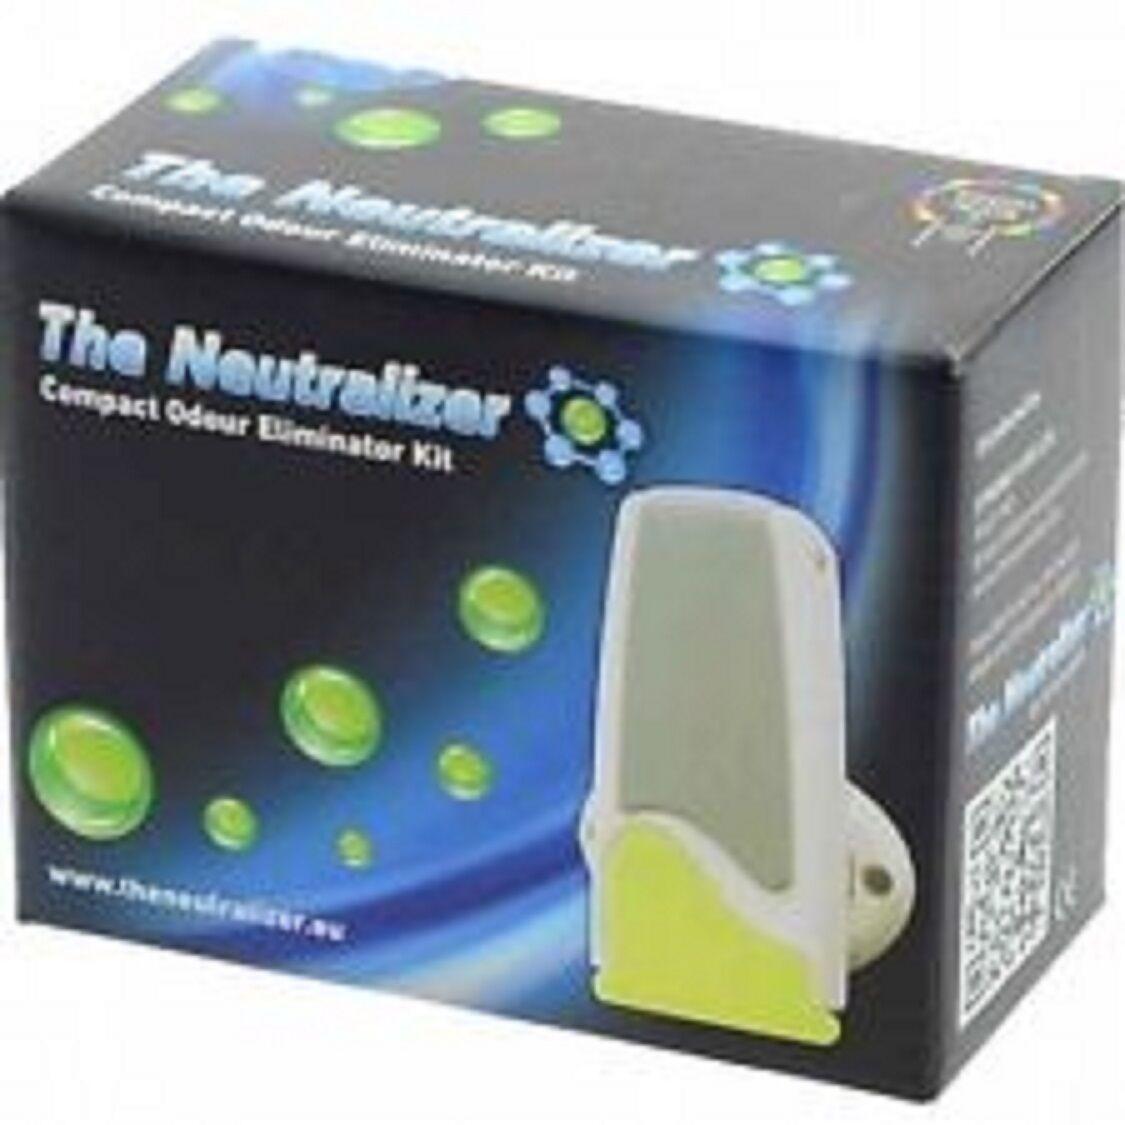 Il Neutralizzatore aromastar KIT COMPATTO Odore Eliminator